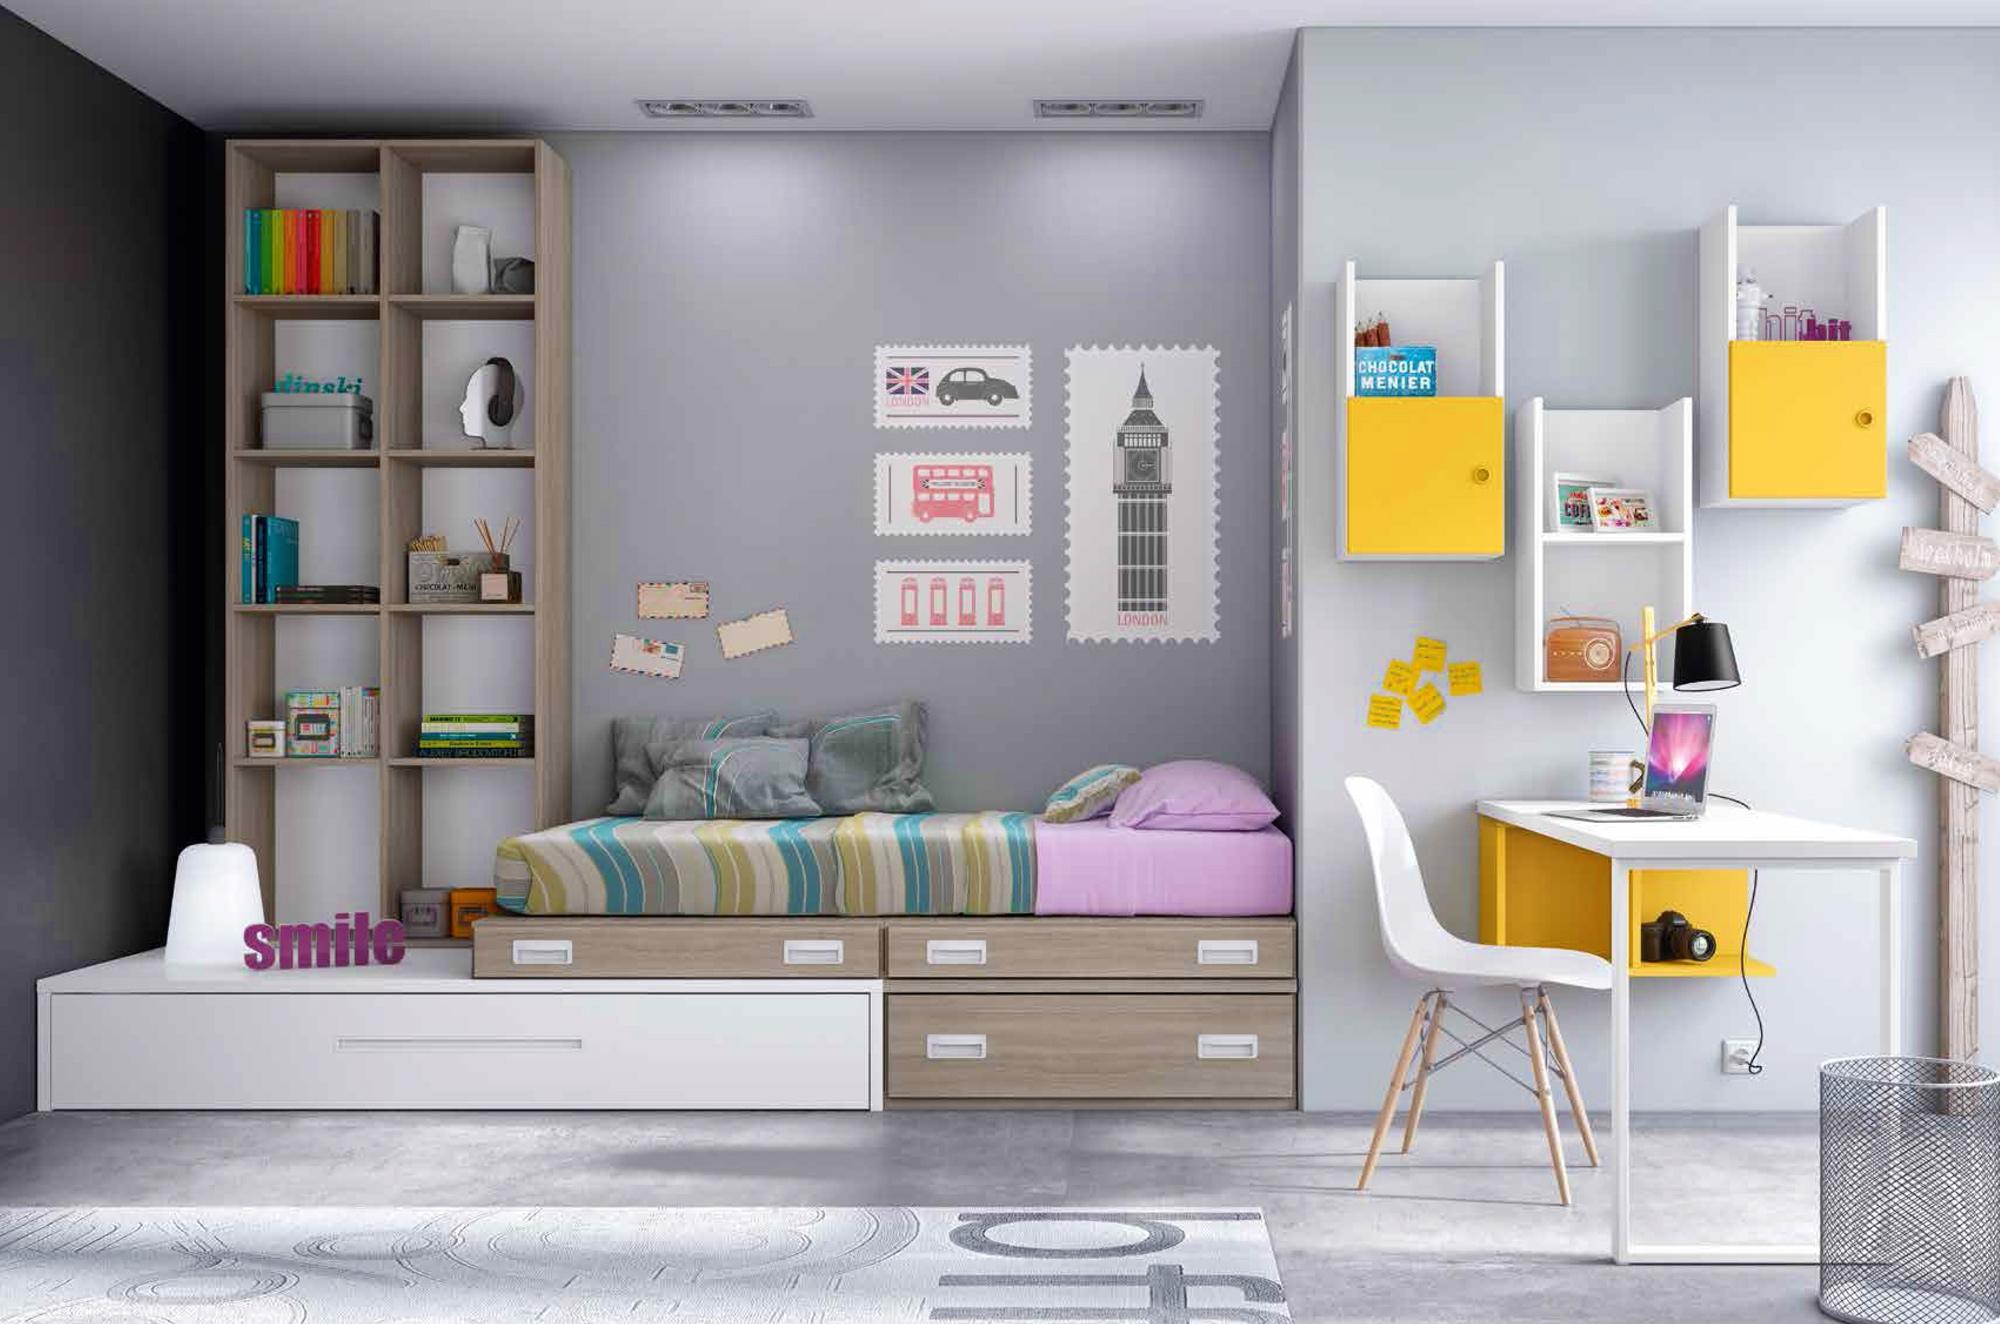 Chambre enfant complete PERSONNALISABLE F250 - GLICERIO